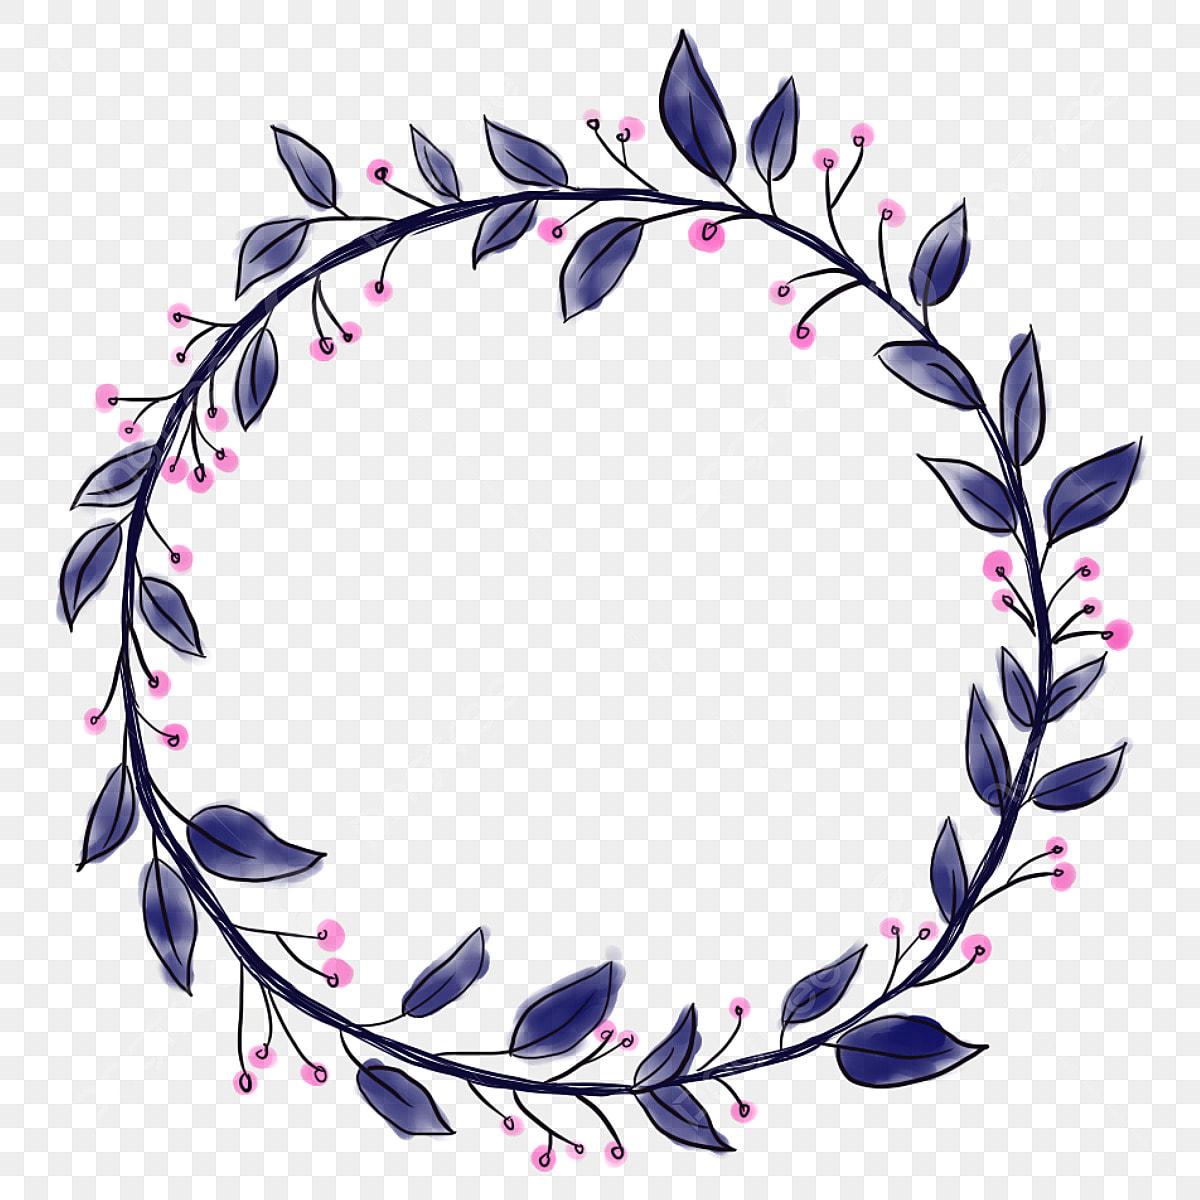 border circle png circle border, circle, border png transparent clipart image